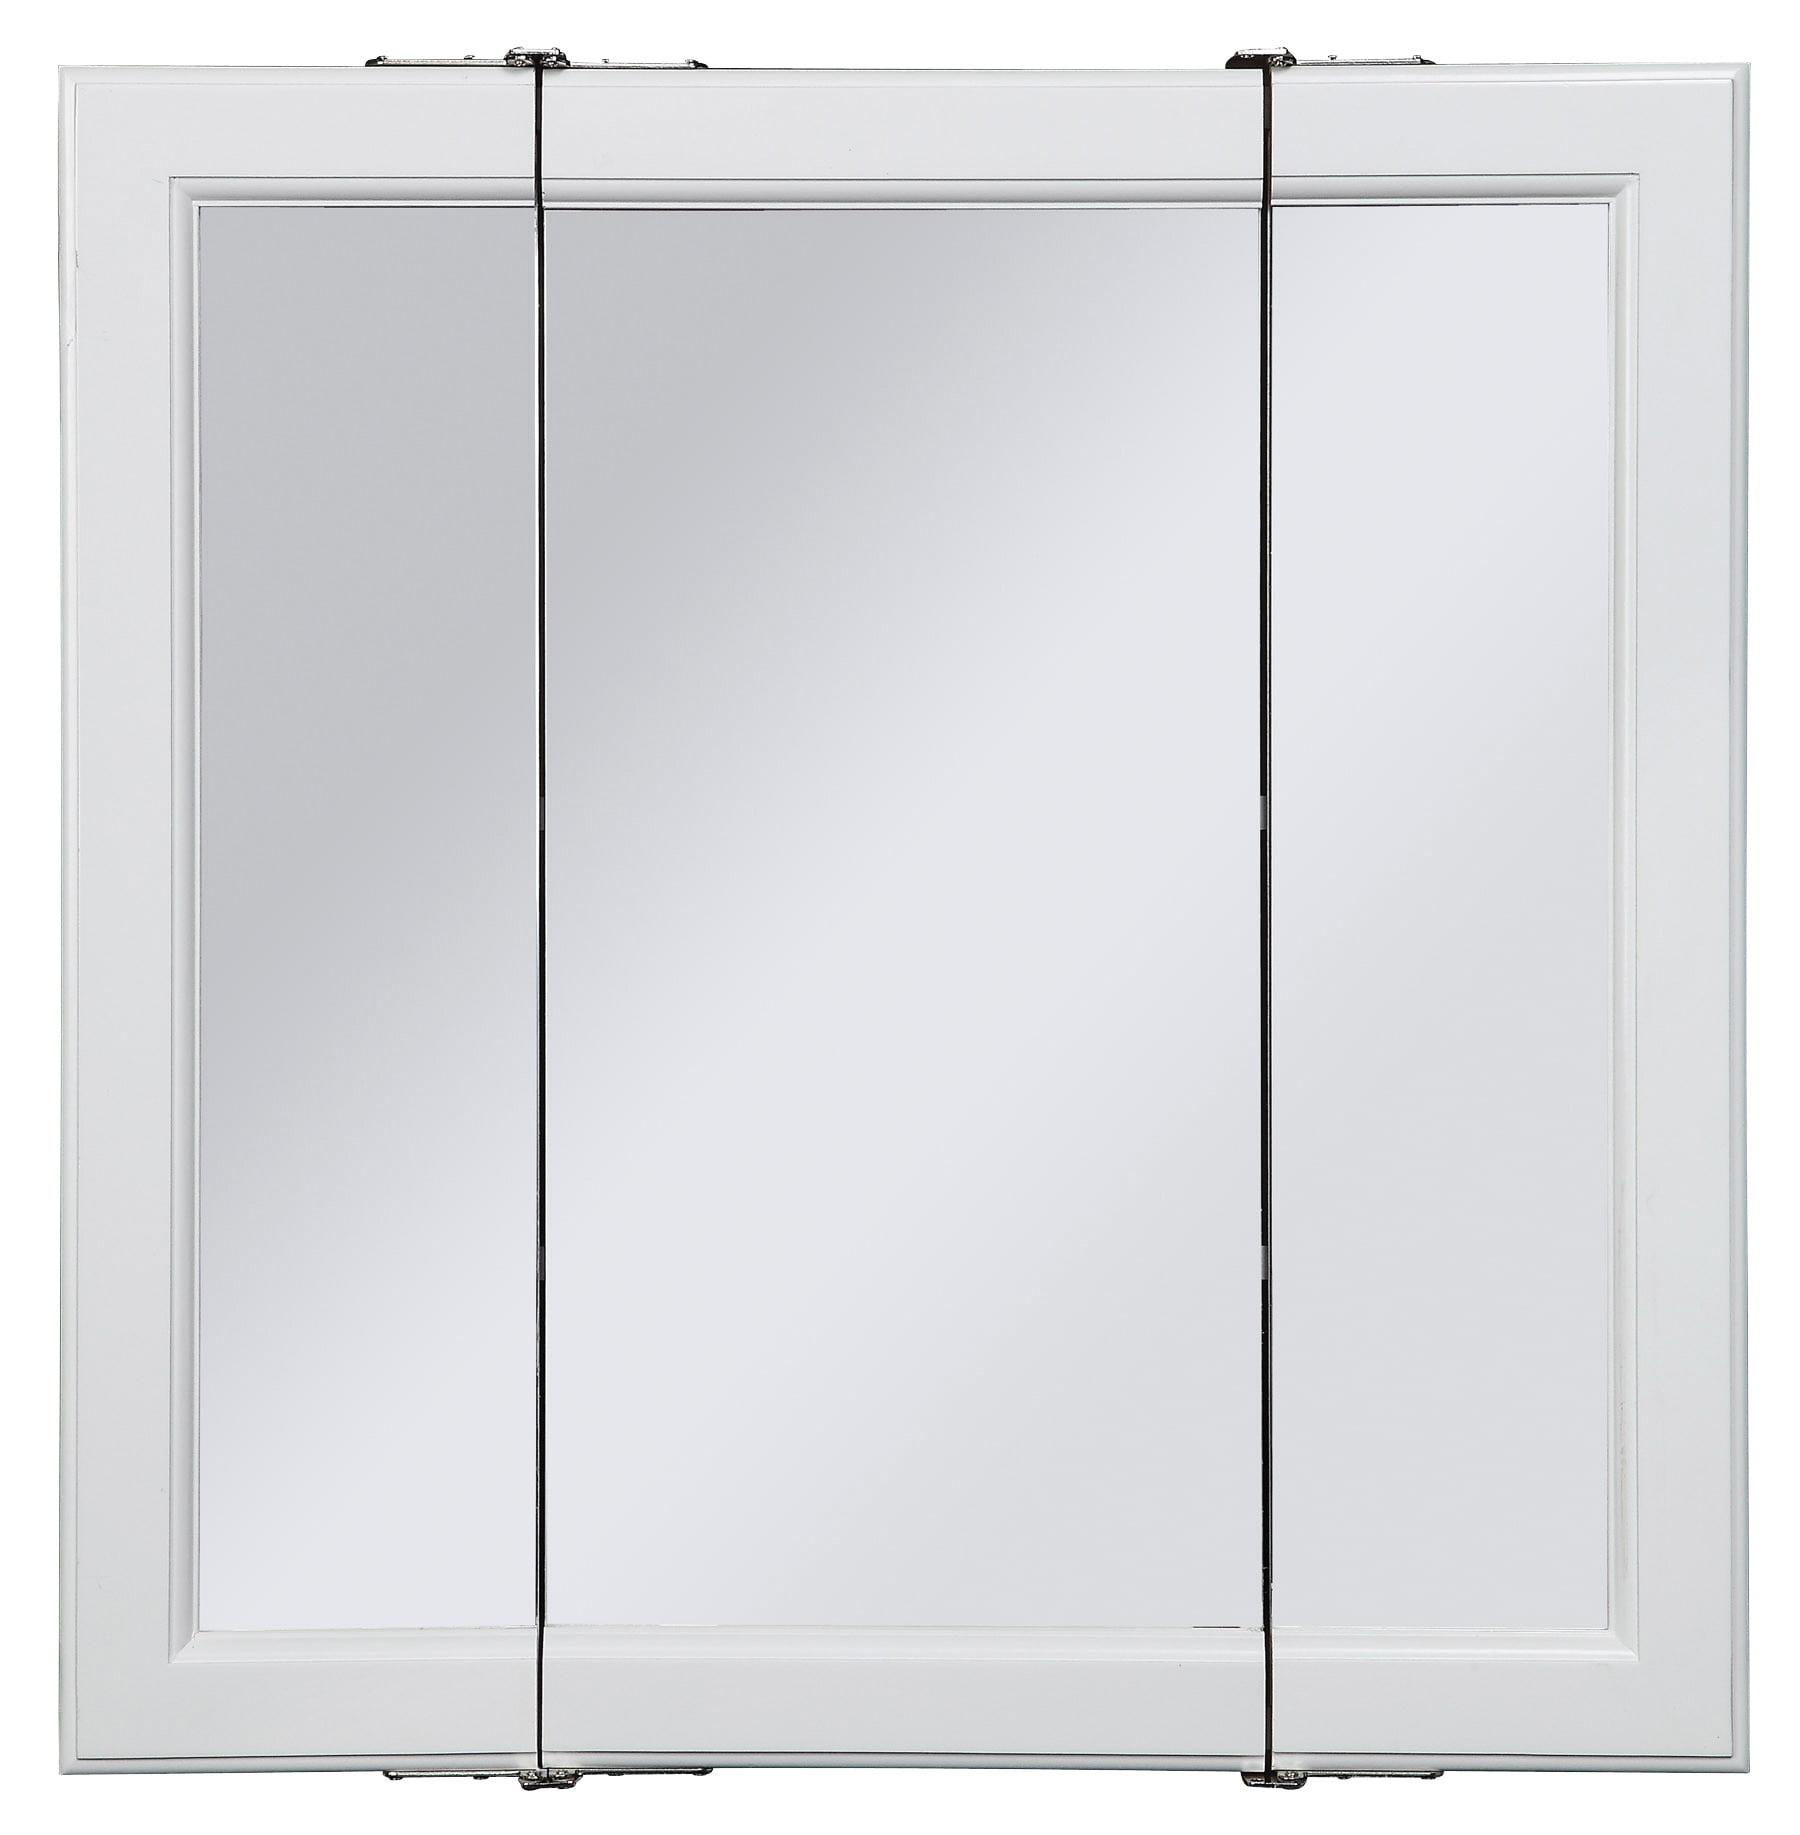 Design House 545103 Wyndham Tri View Medicine Cabinet Mirror 36 White